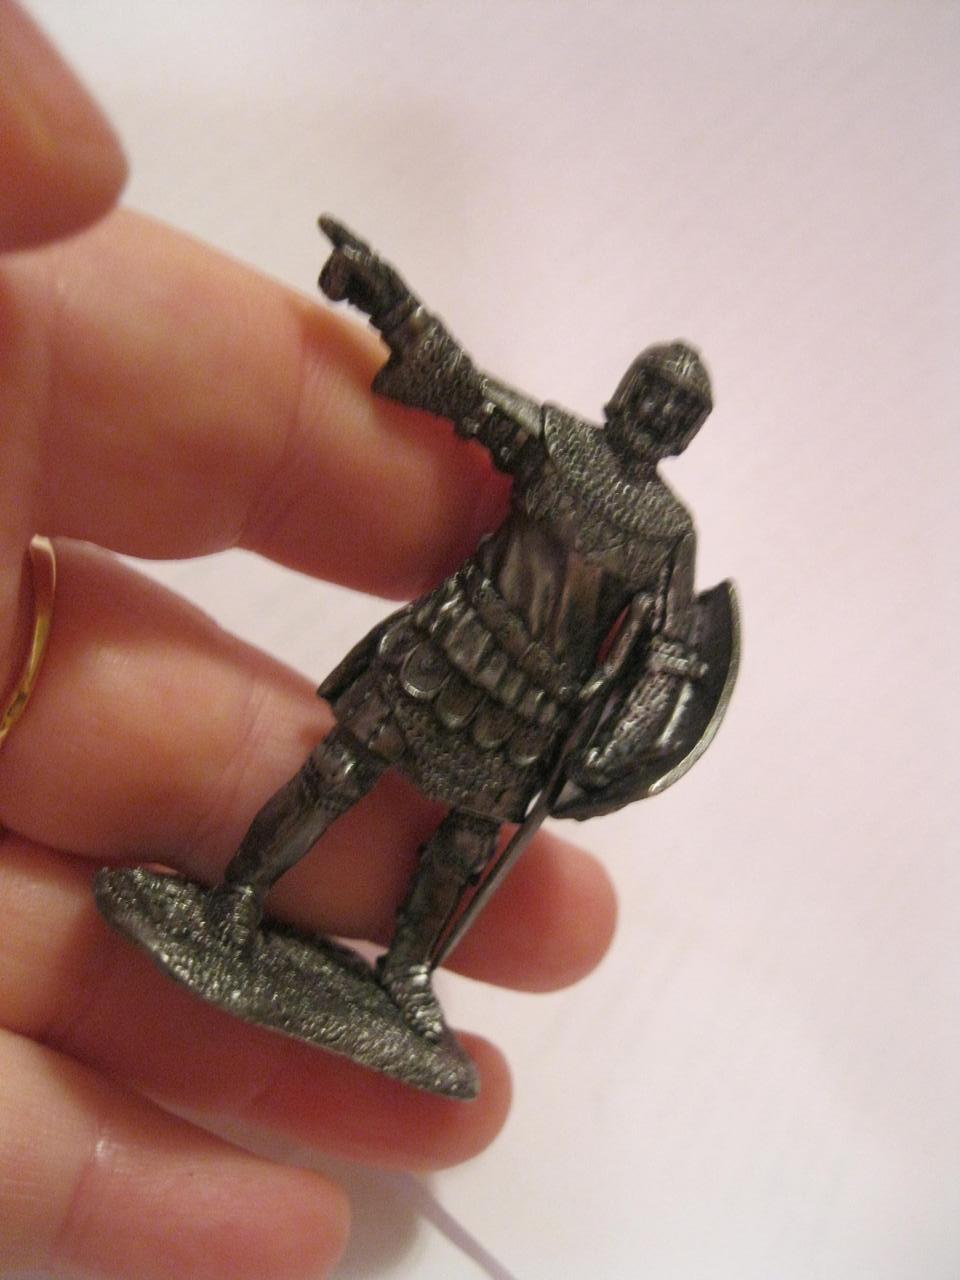 Фигурка статуэтка английский ВОИН рыцарь солдат металл сплав олова в доспехах  щит и меч